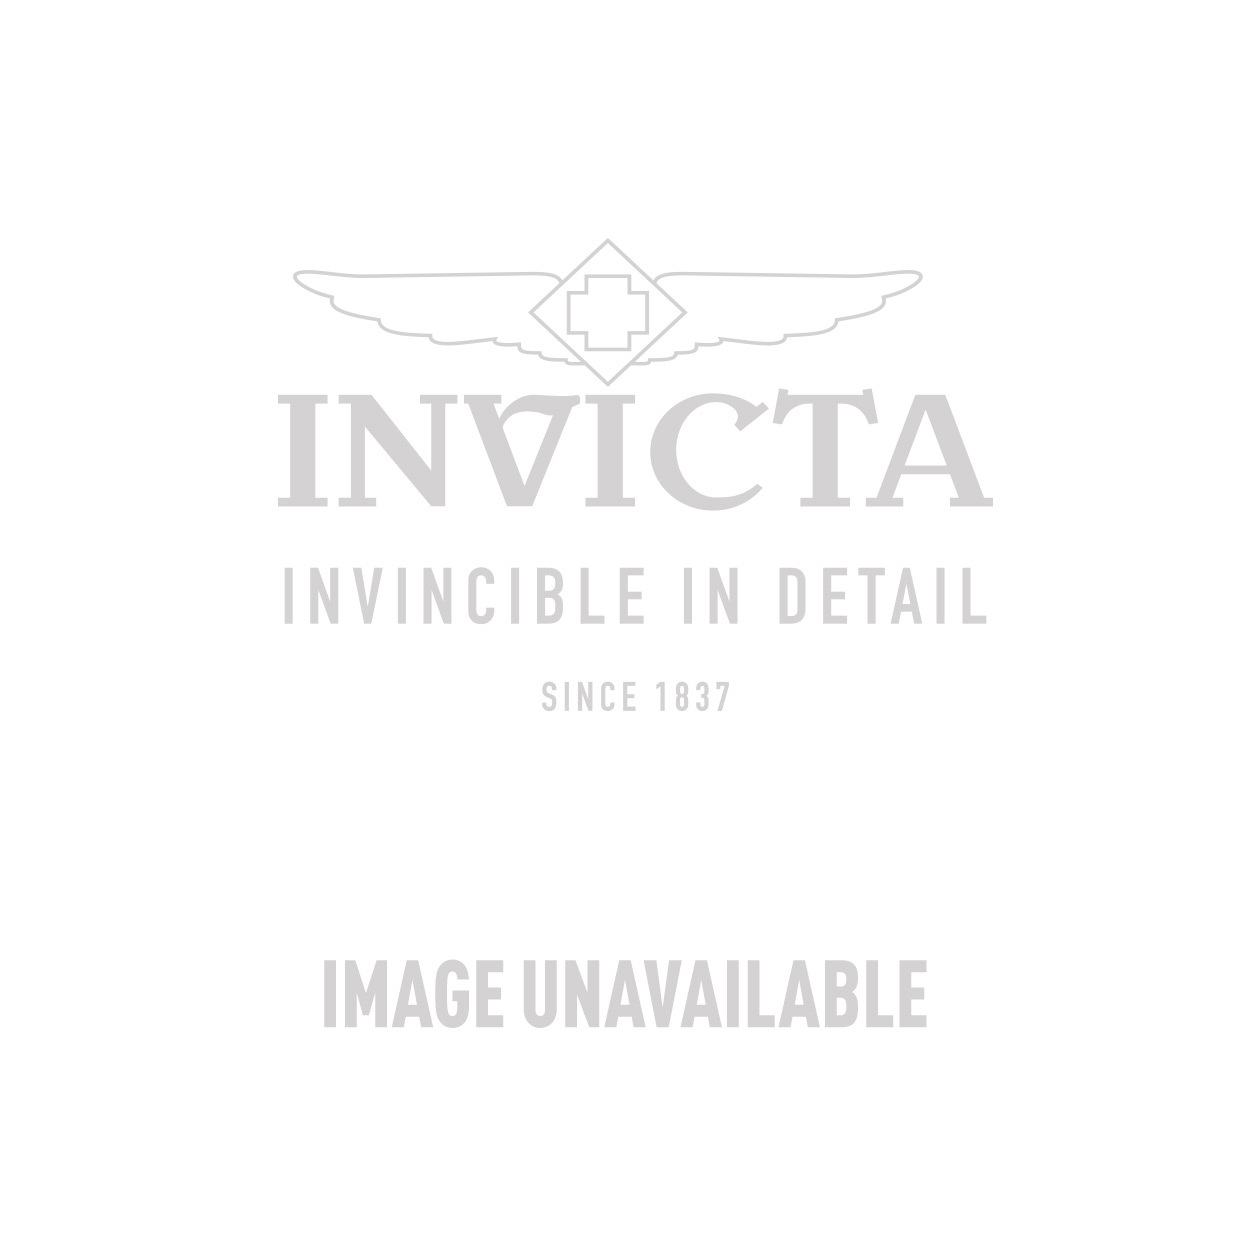 Invicta Model  SC0382